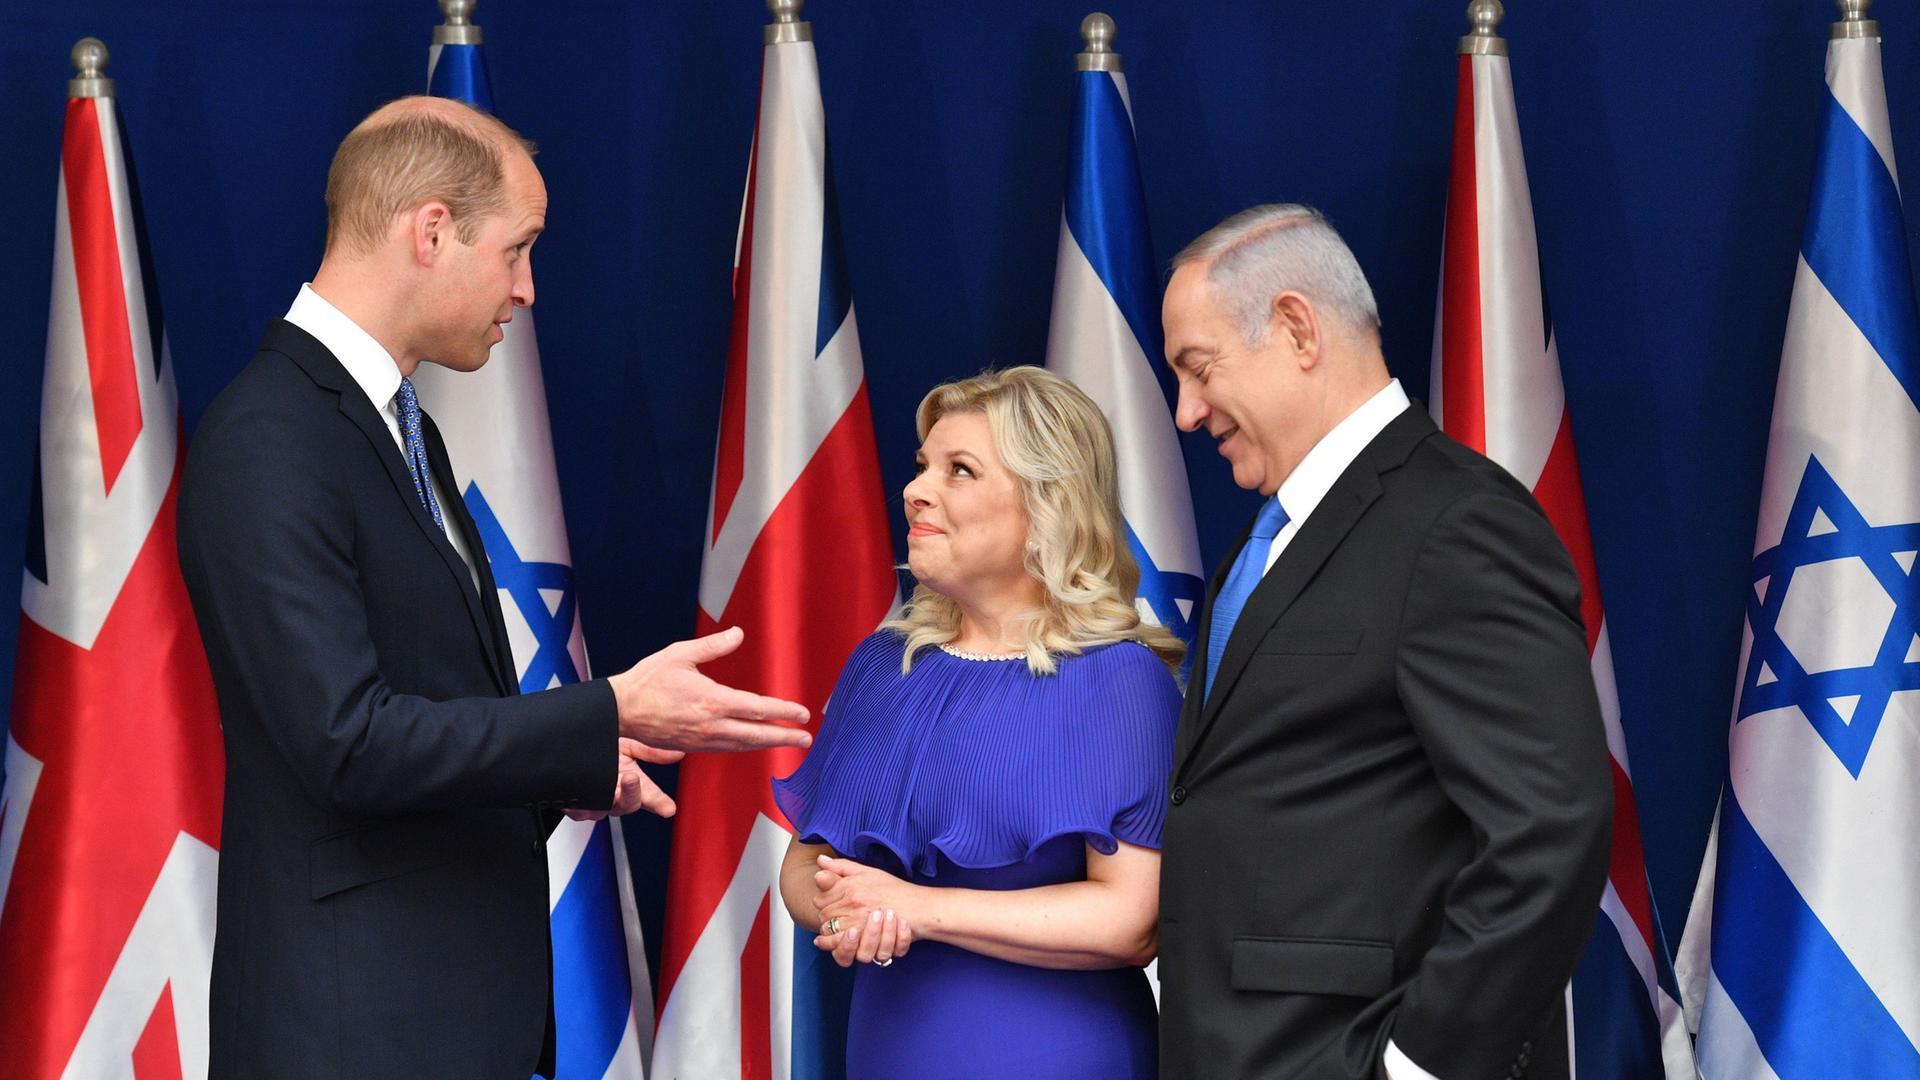 Bei historischer Israel-Reise: Prinz William trifft Netanjahu ...